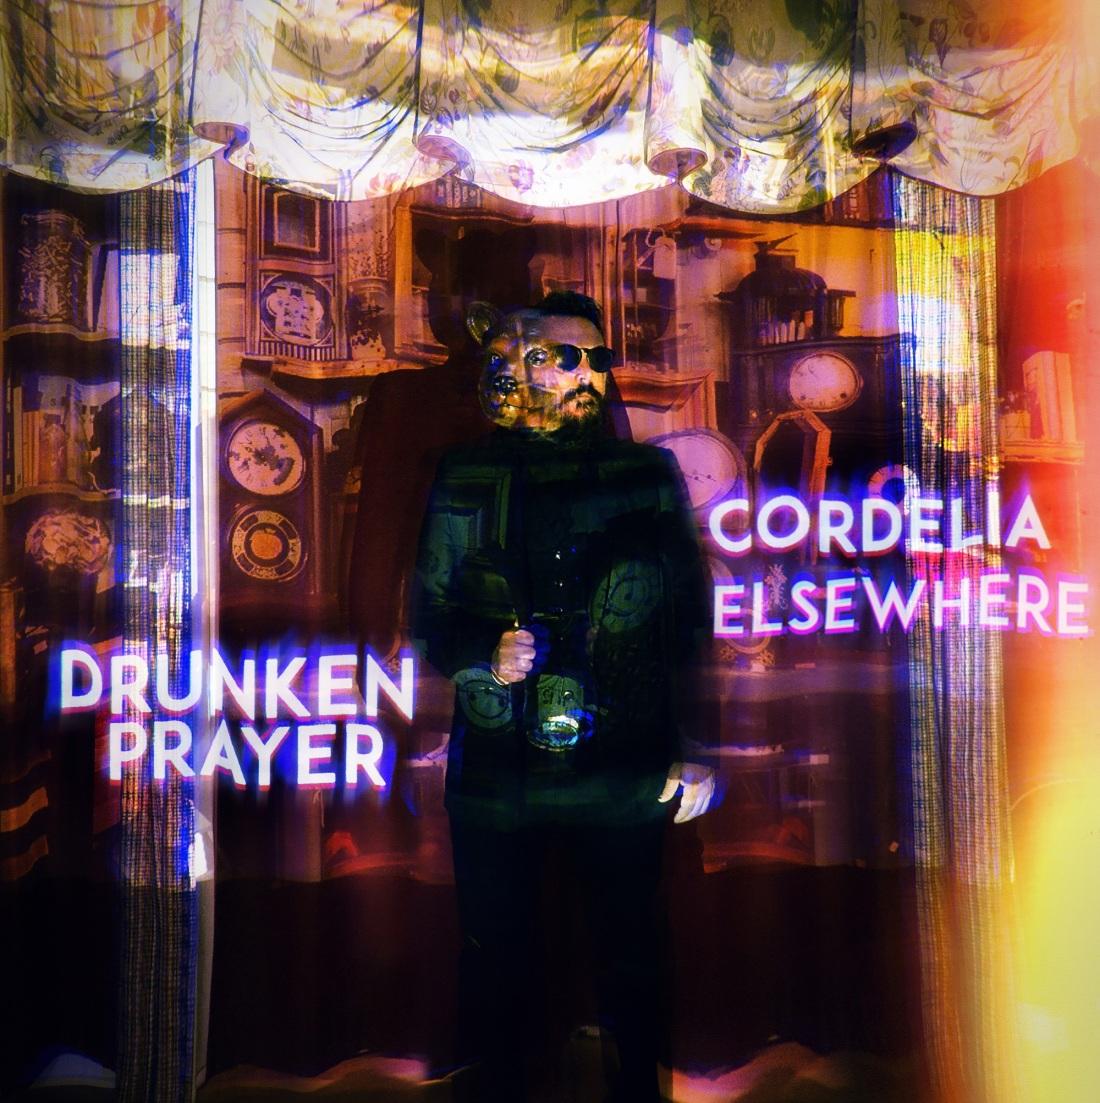 Drunken Prayer cvr re